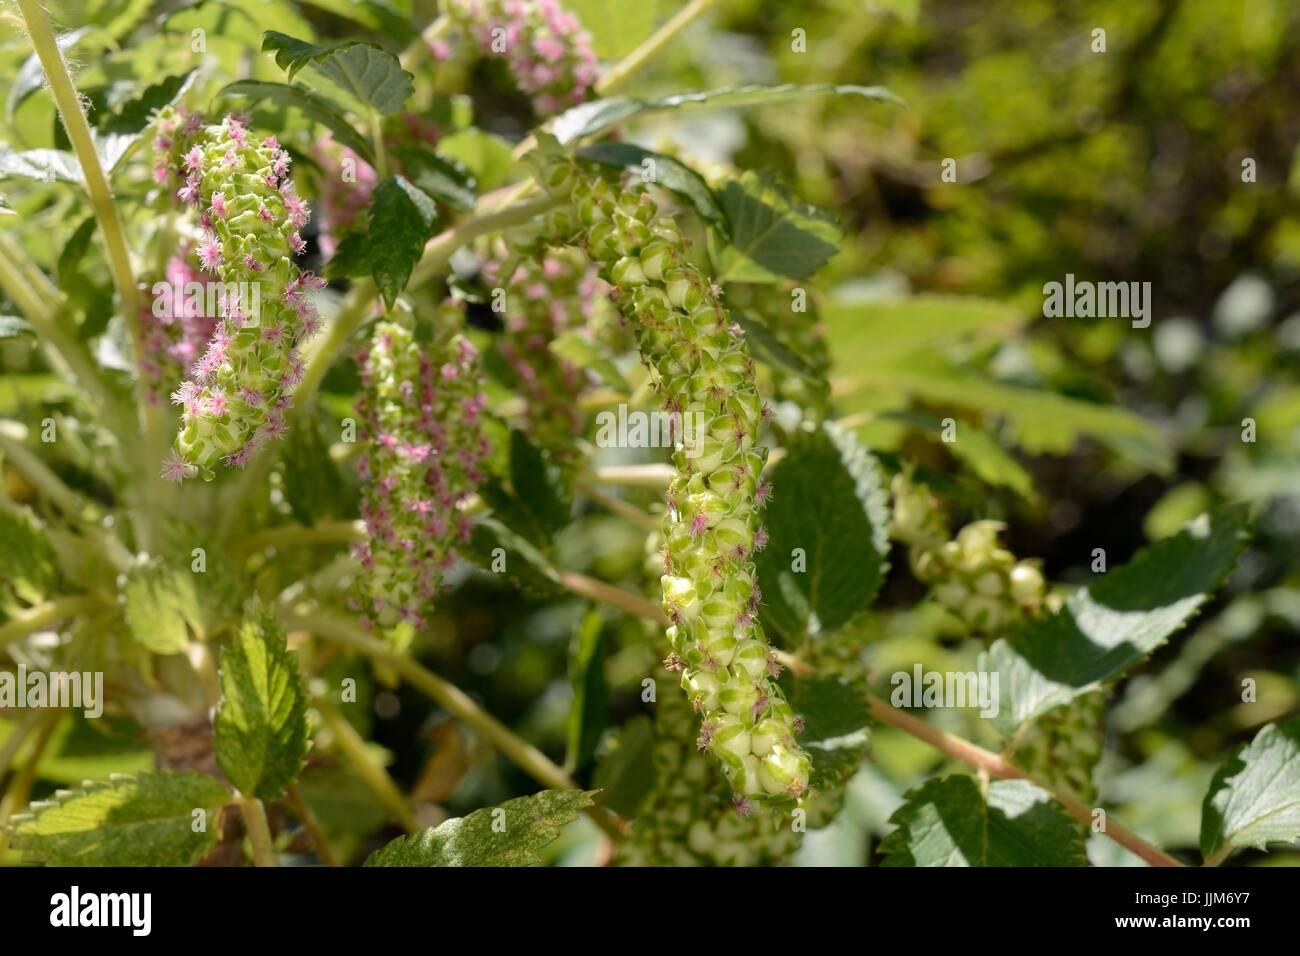 Strauchige Burnet / (Bencomia Caudata) endemisch auf den Kanarischen Inseln, Blüte in montane Laurel Wald / Stockbild